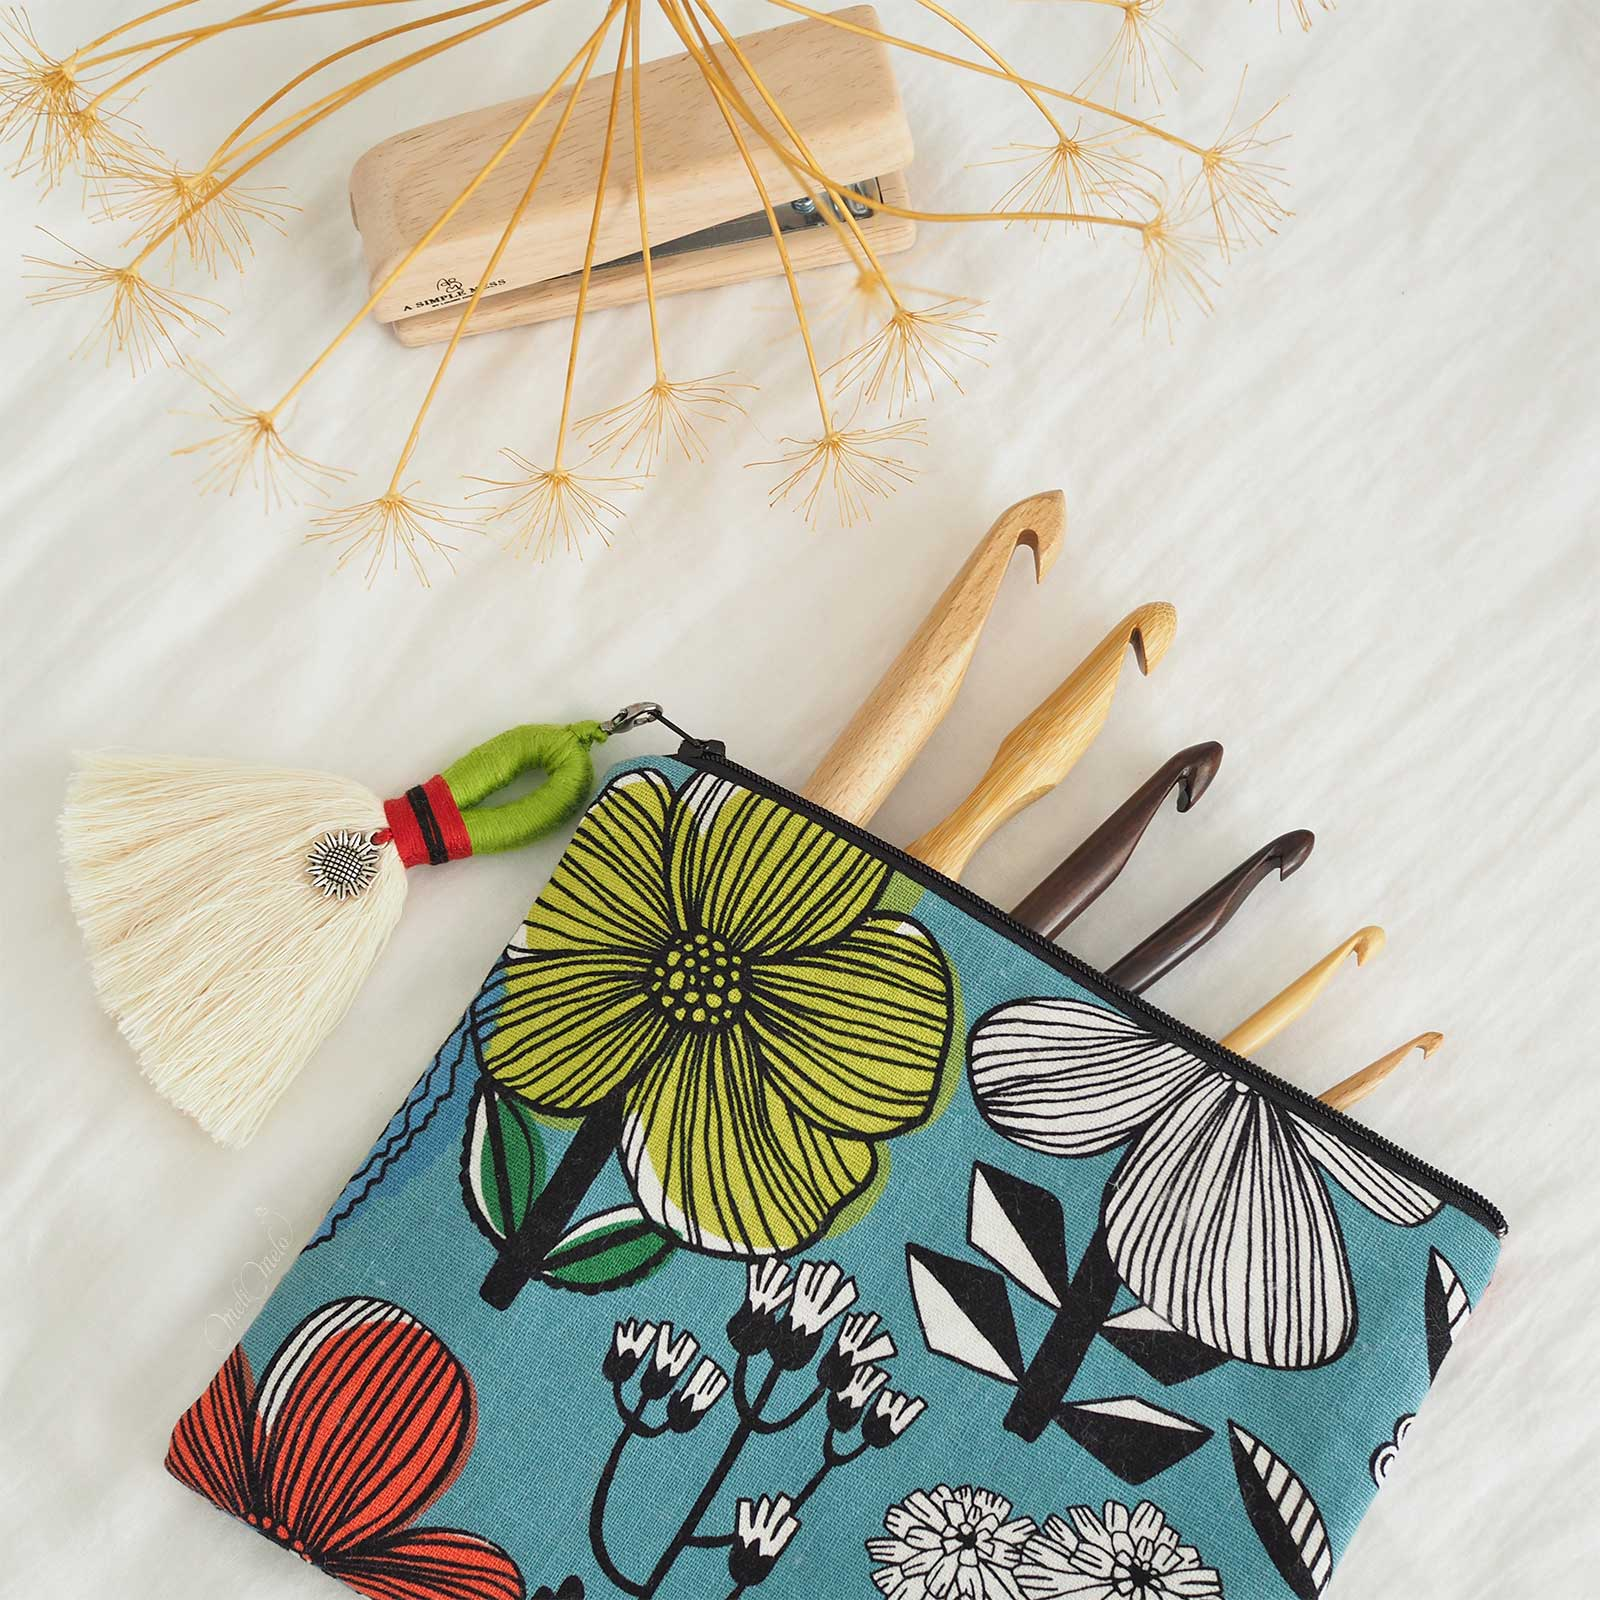 cousette-pochette-chantoula-accessoires-crochet-bois-laboutiquedemelimelo